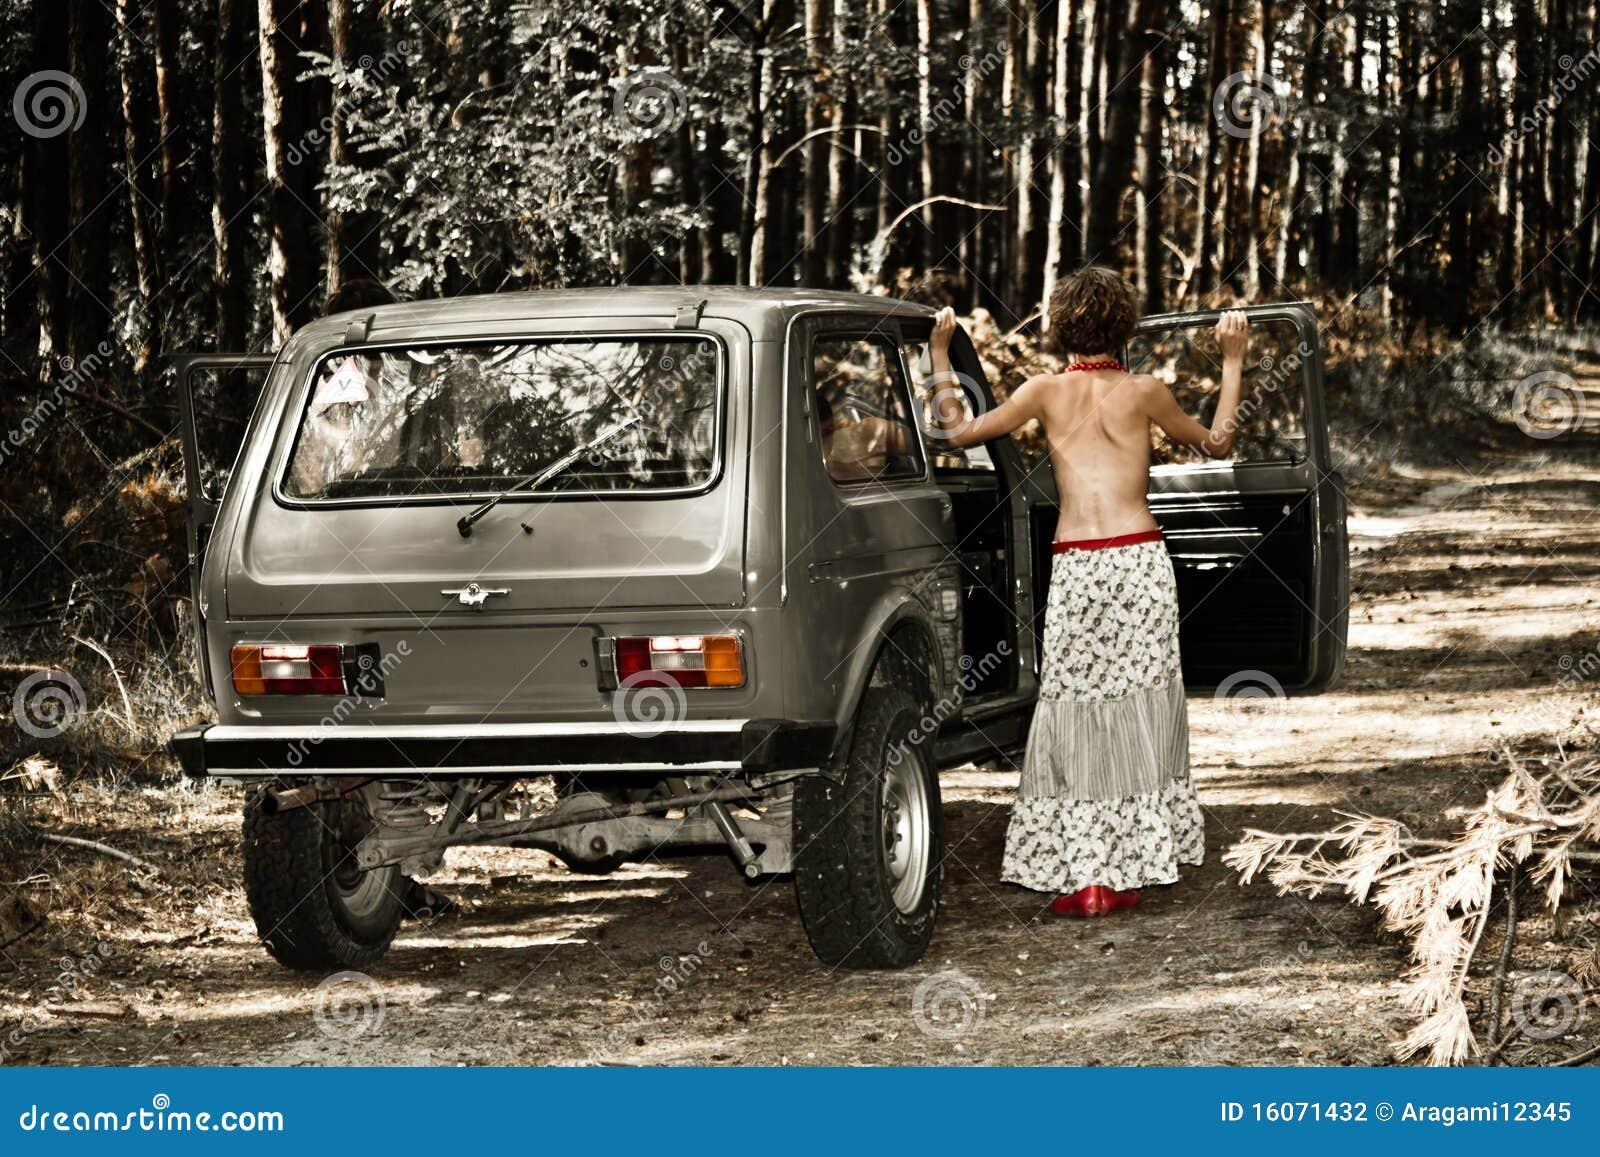 girl topless in car